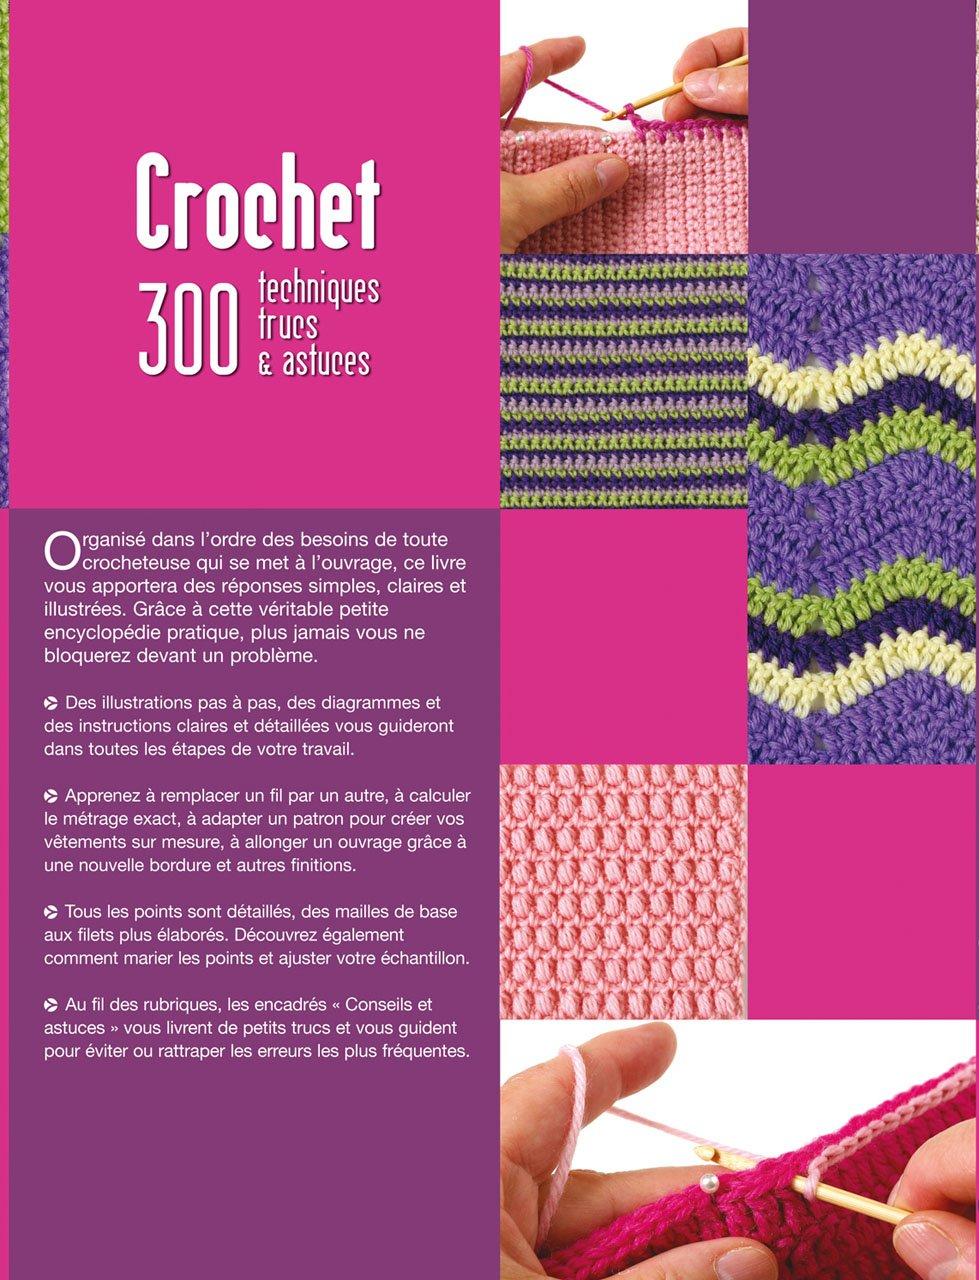 Crochet 300 Techniques Trucs Et Astuces Jan Eaton